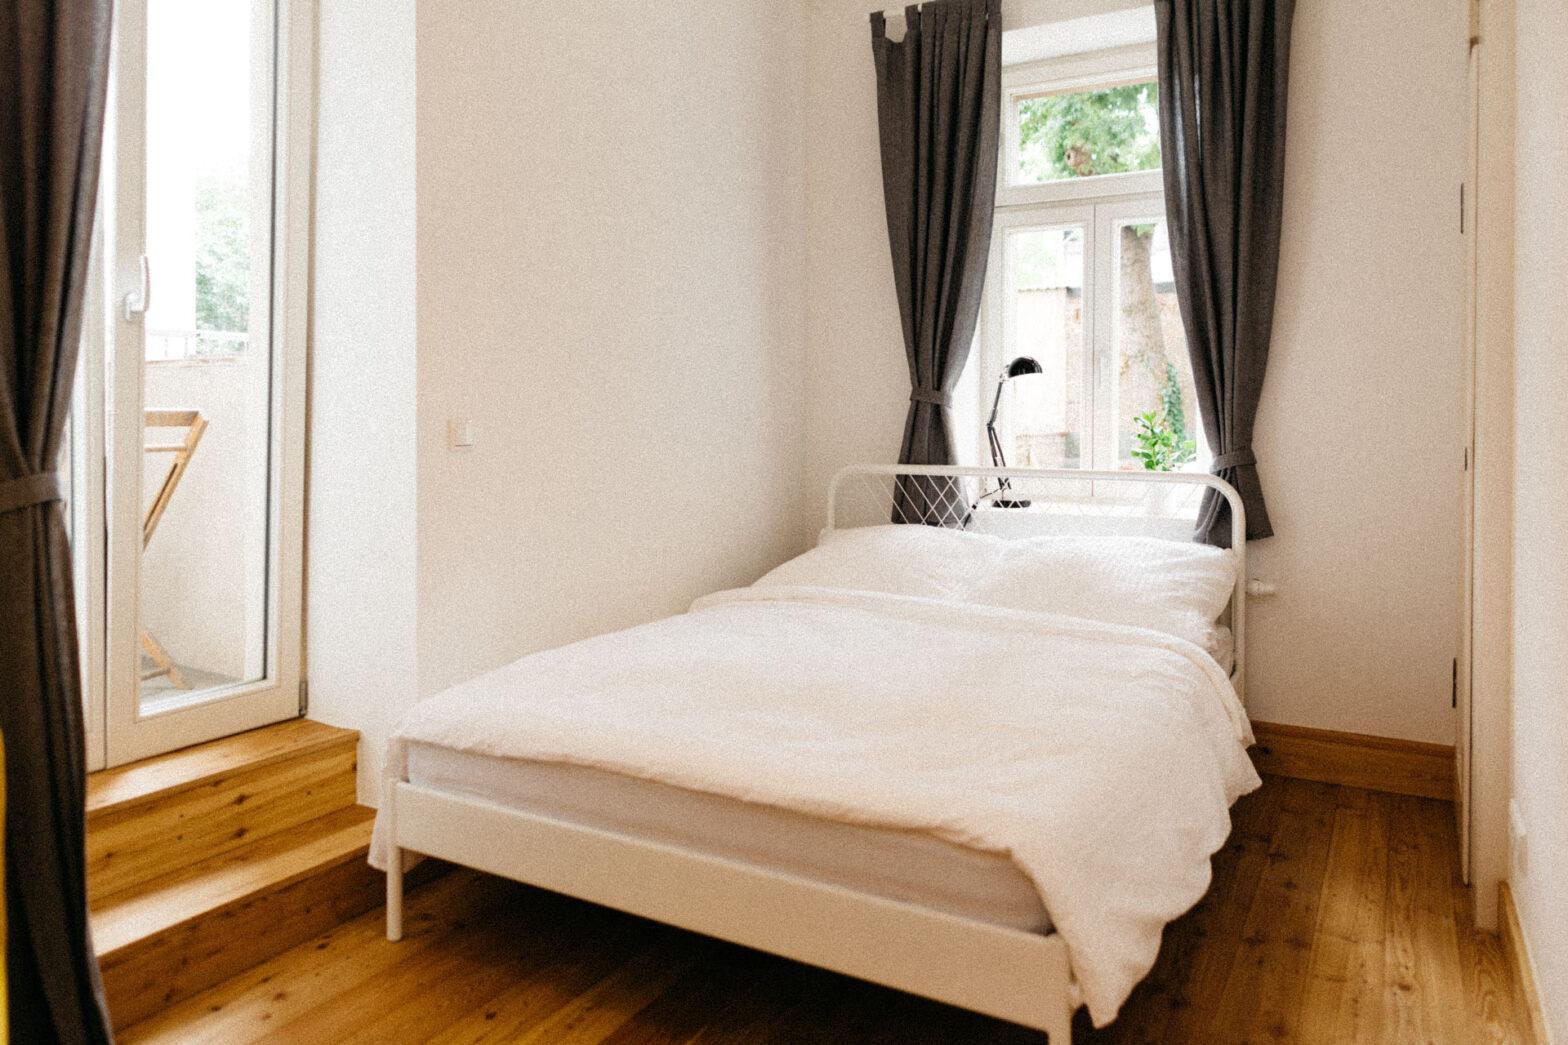 ein Einzelzimmer mit weißem schicken Bett und schwarzen Vorhängen. Sehr schöner Holzboden und eine Treppe zum Balkon.